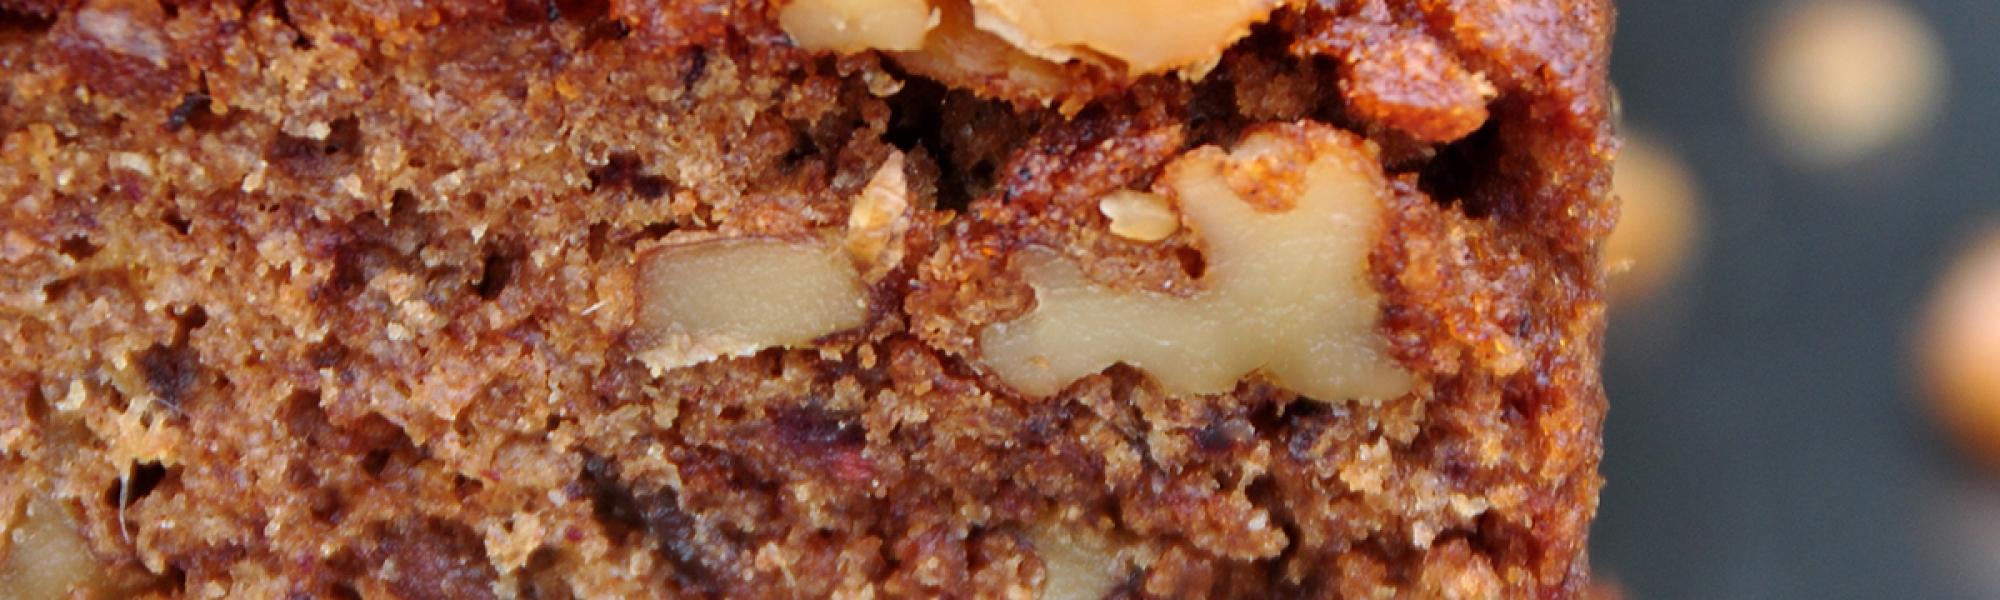 עוגת תמרים, שמן זית וכוסמין